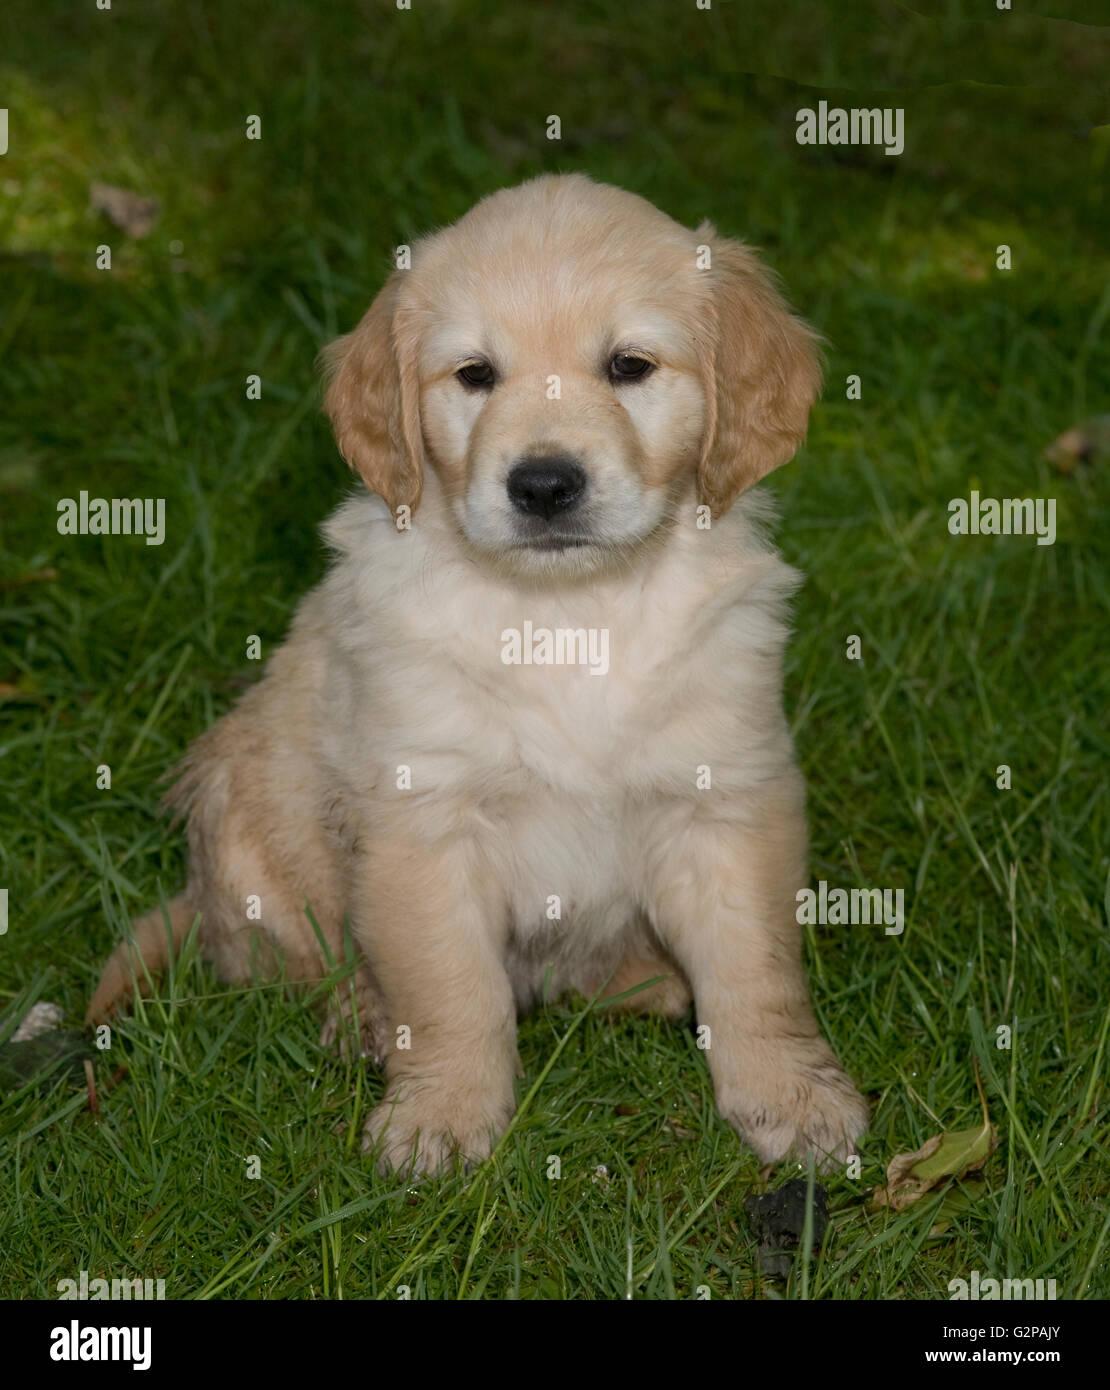 Golden Retriever,,cucciolo,fluffiness,morbidezza,l'erba,giardino Immagini Stock